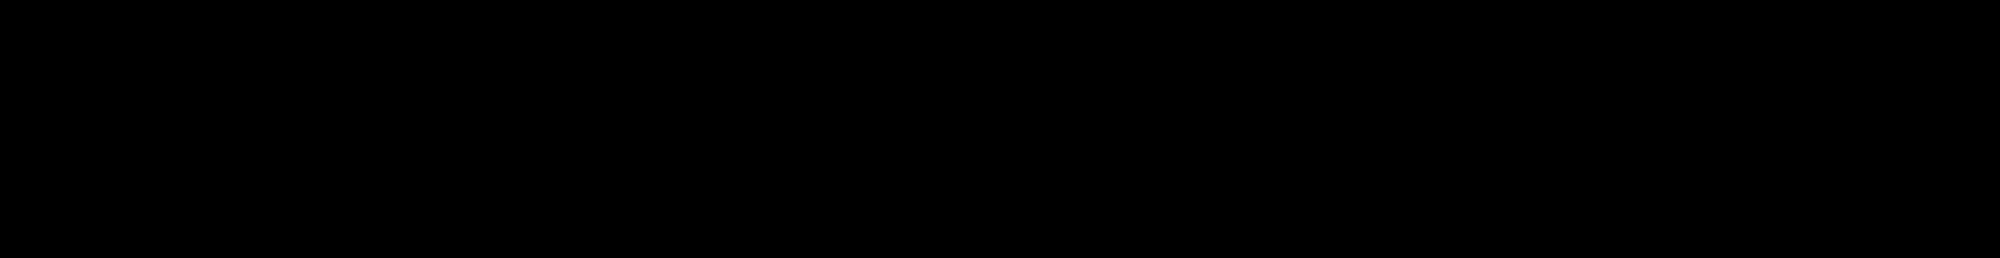 2000px-supernatural_2005_logo-svg